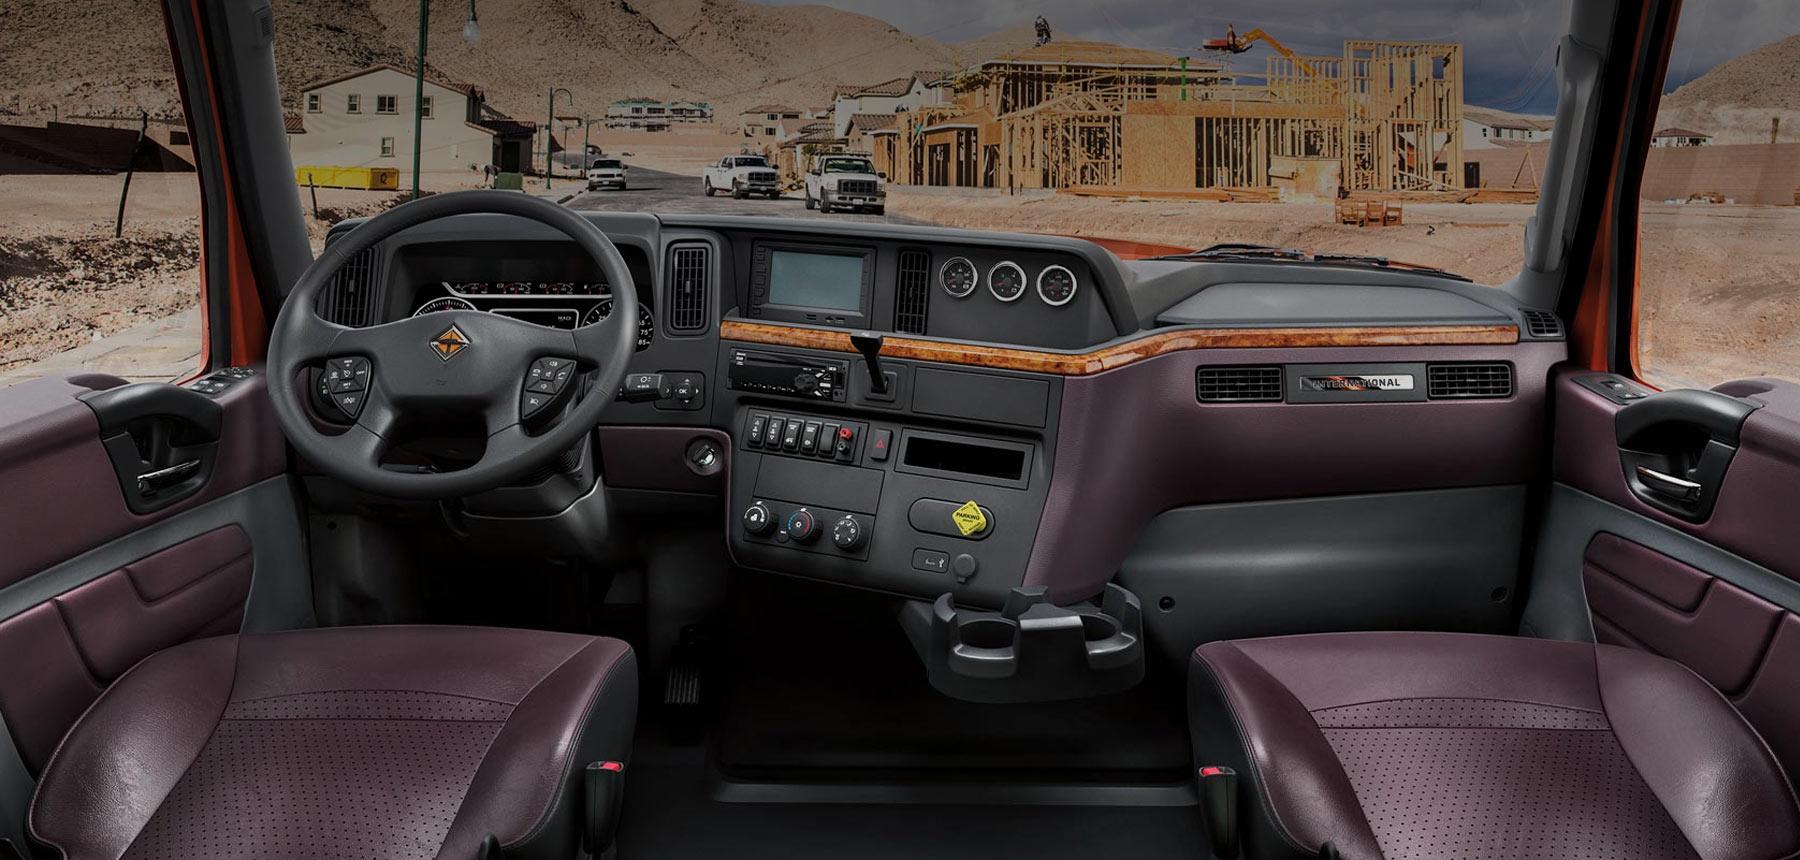 Driverfirst Hotspots